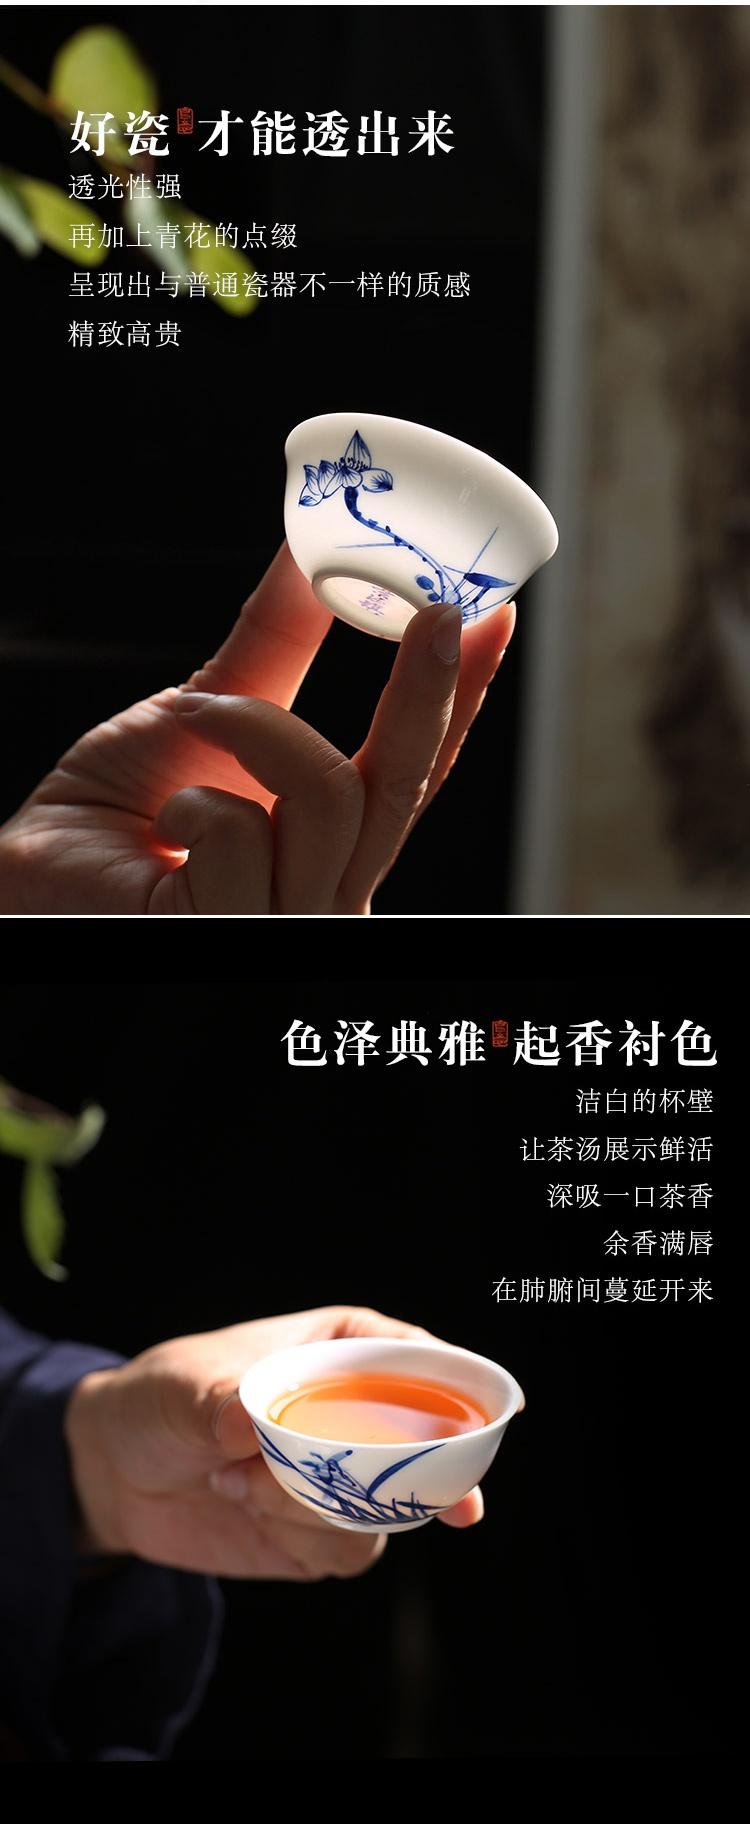 。聚景功夫小茶杯 景德镇陶瓷手绘茶具青花瓷器薄胎单只茶盏品茗